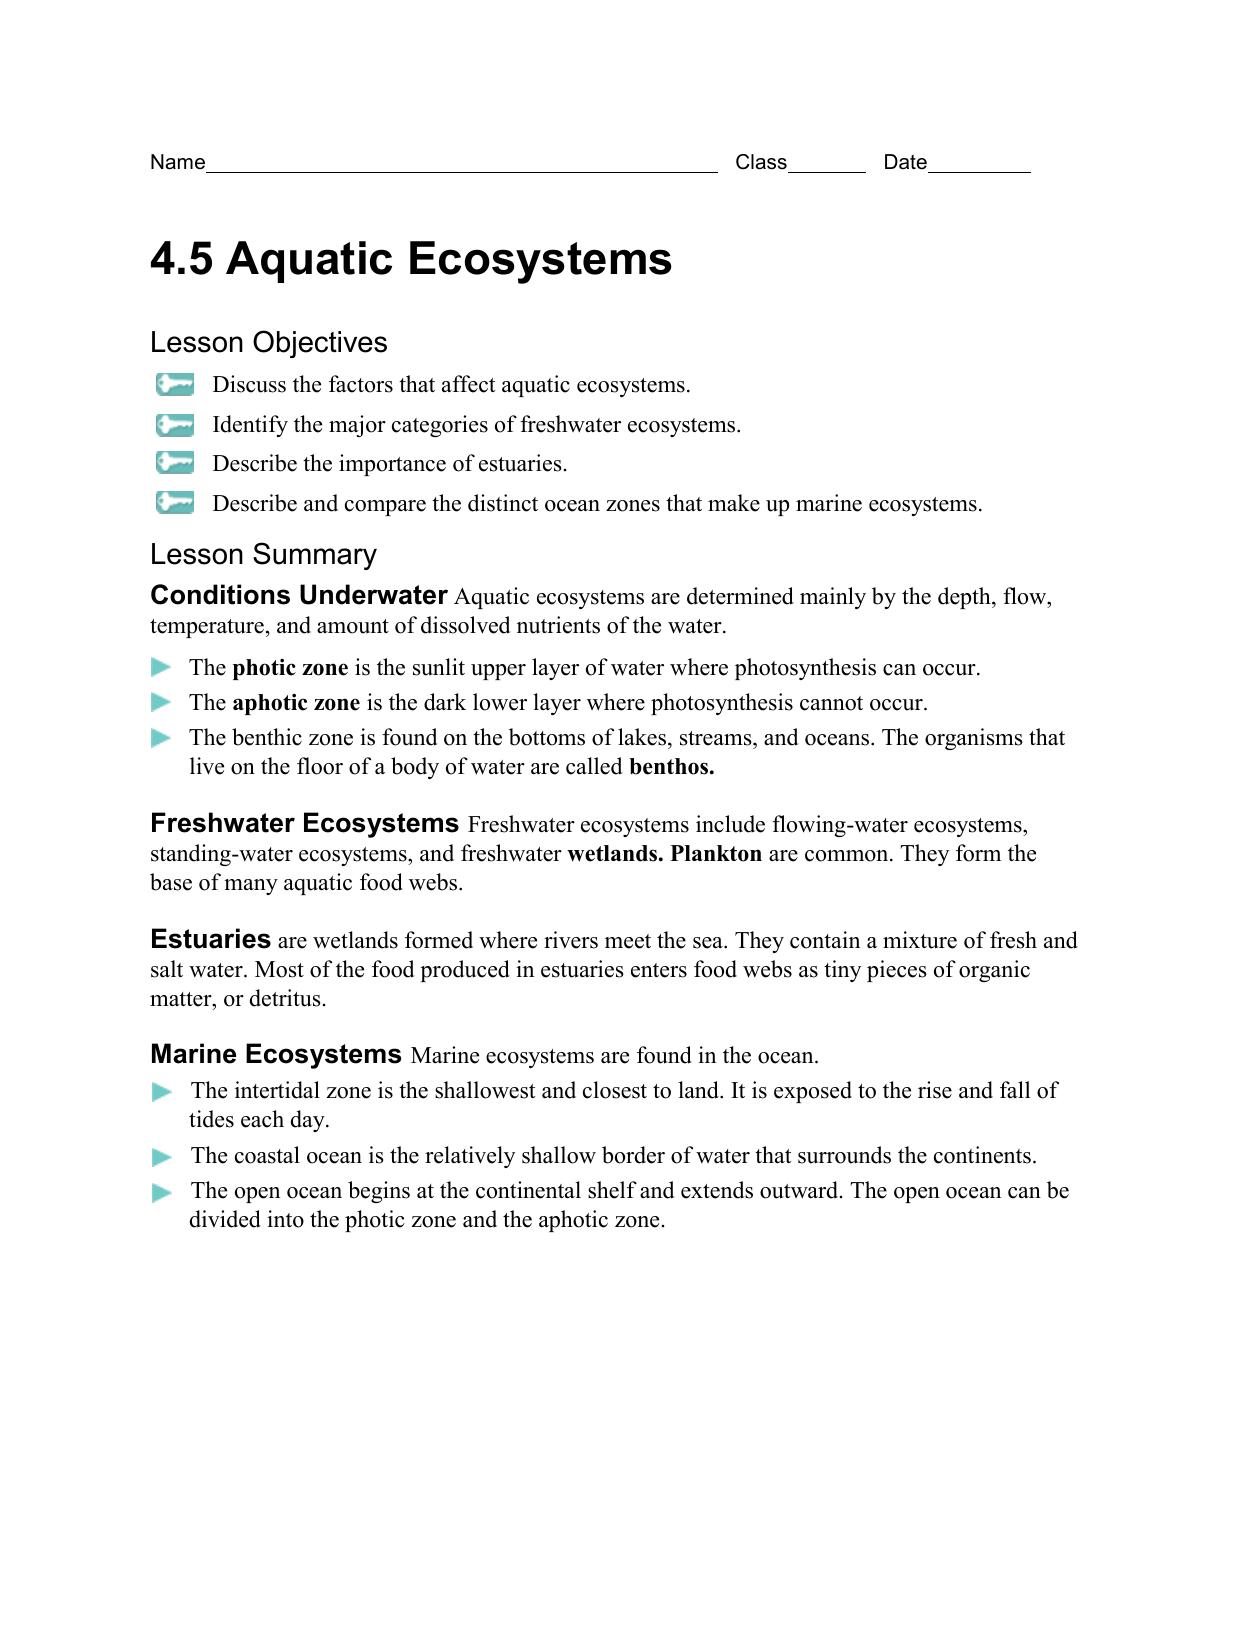 4.5 Aquatic Ecosystems